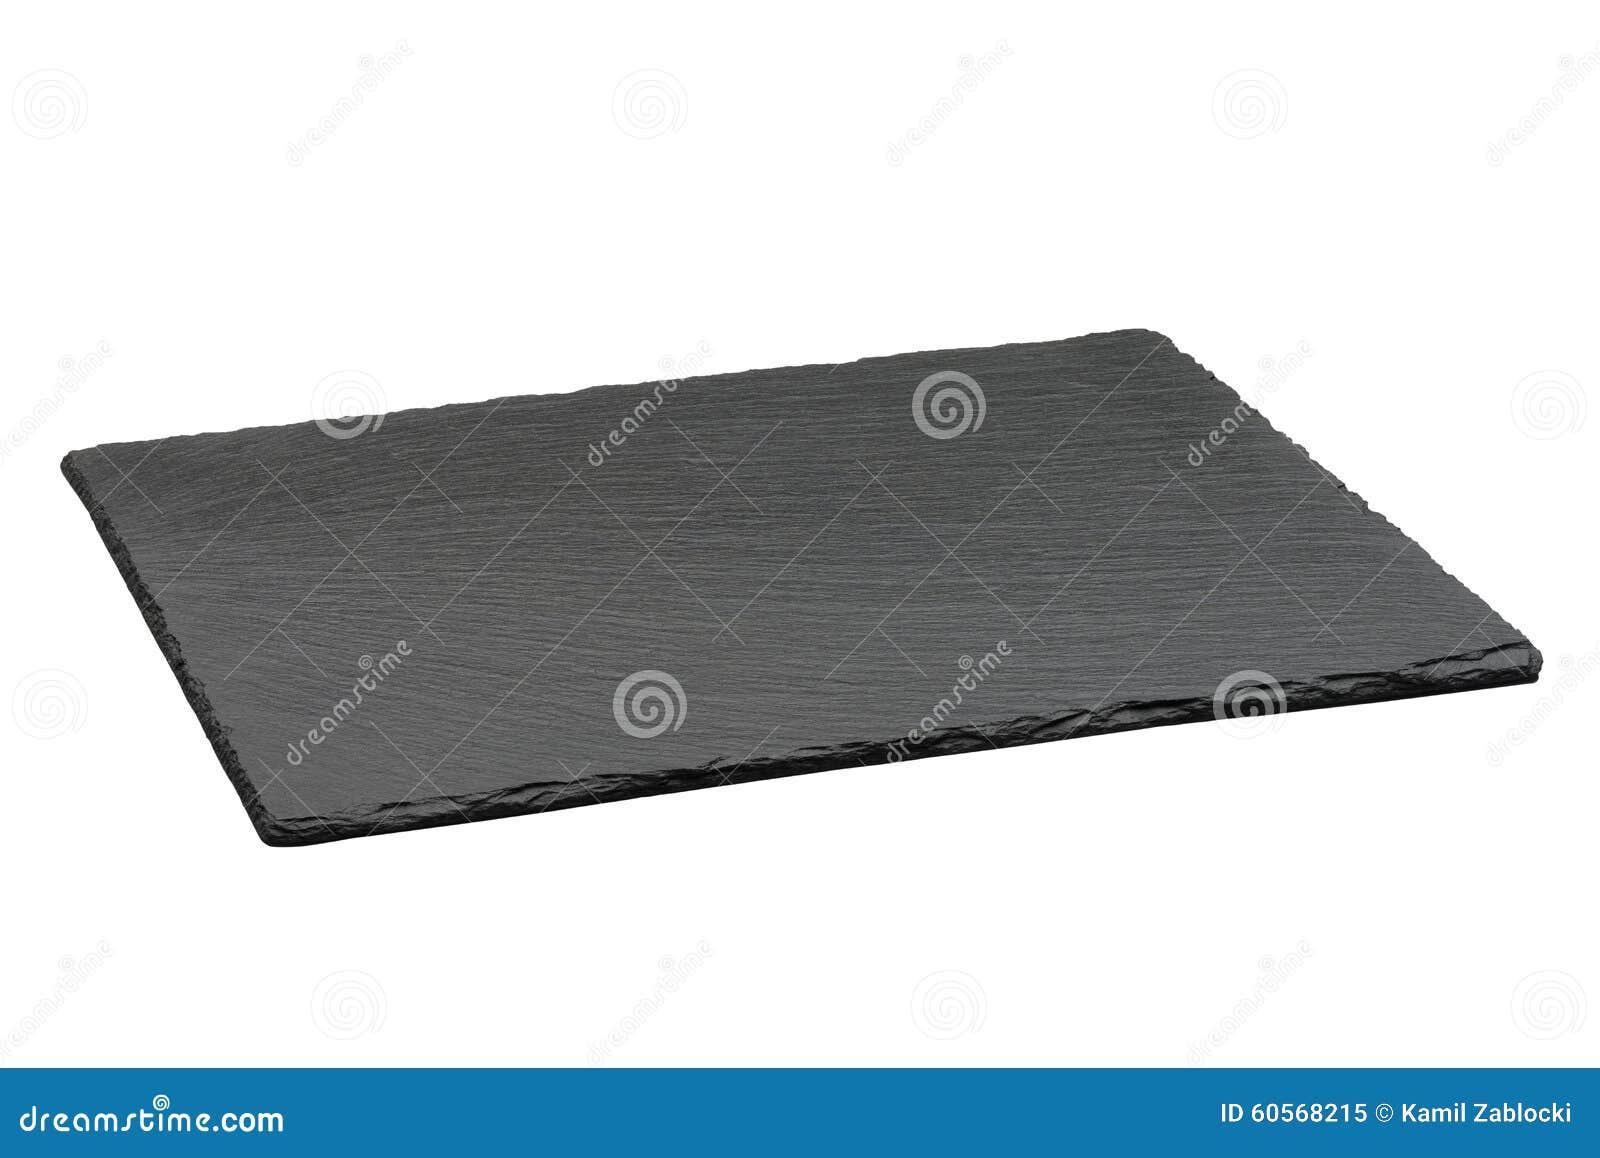 Rote Sitzsaecke In Schwarz Weissem : Leere schwarze schieferplatte lokalisiert stockfoto bild